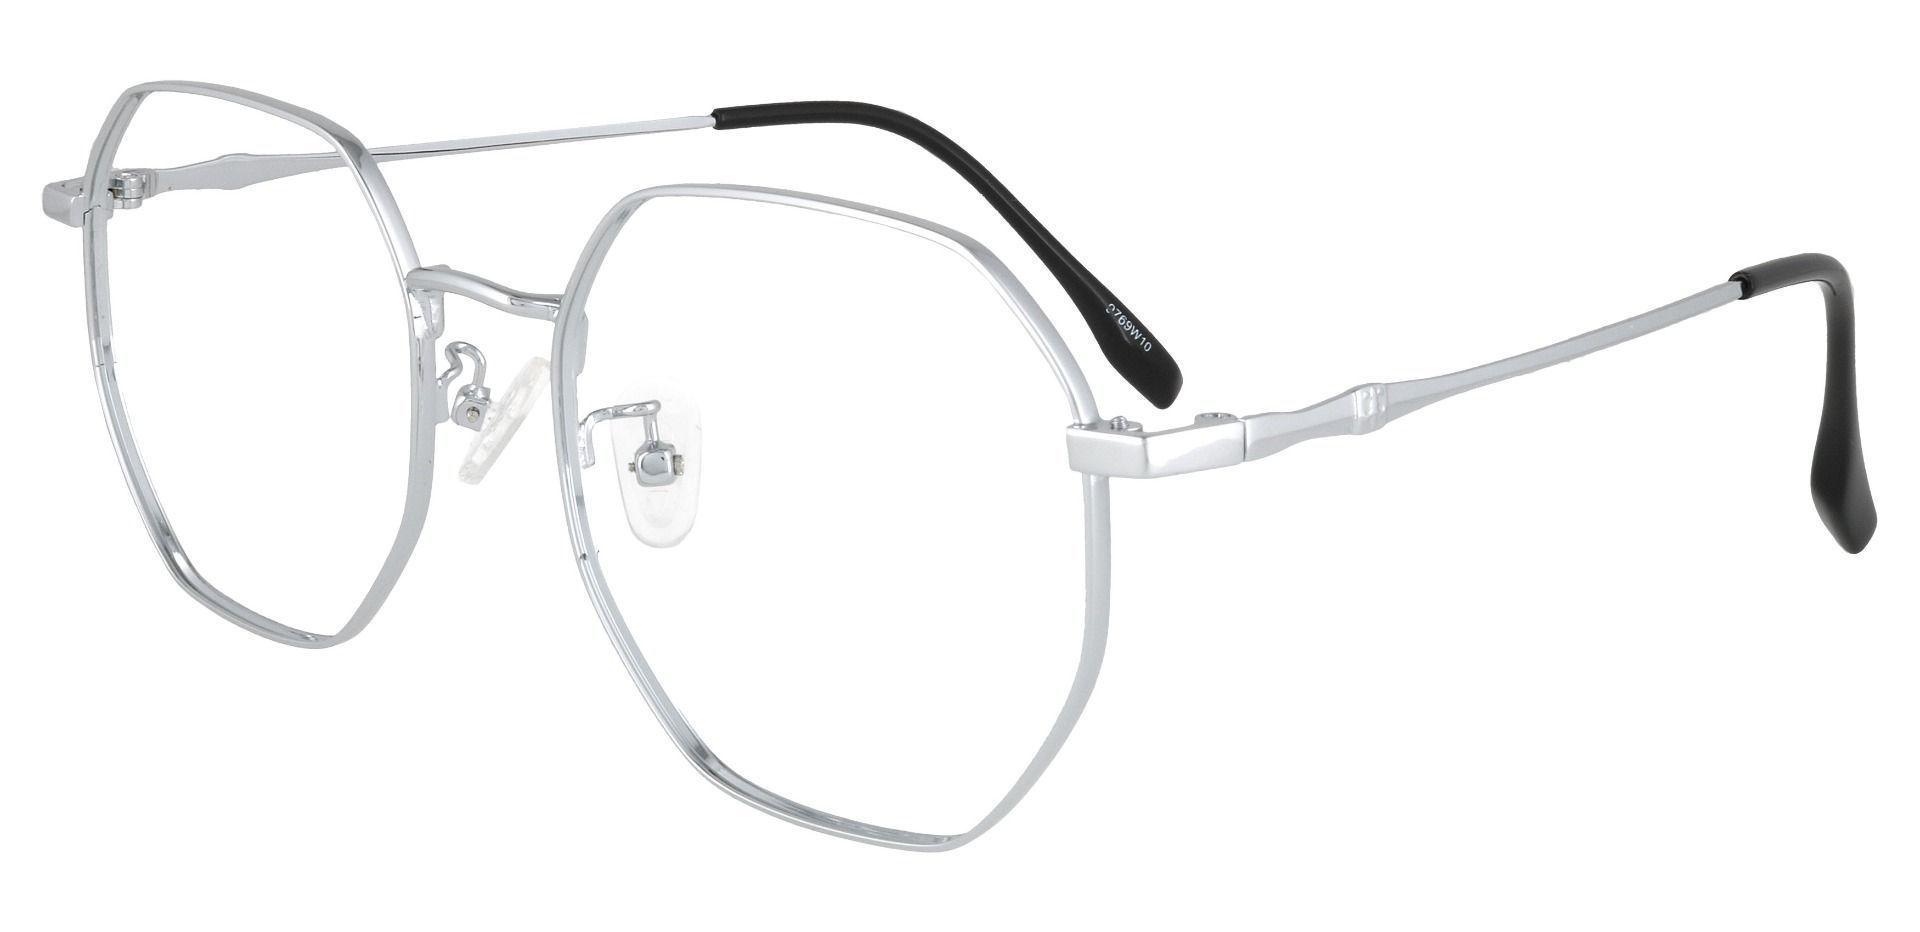 Tudor Geometric Prescription Glasses - Silver